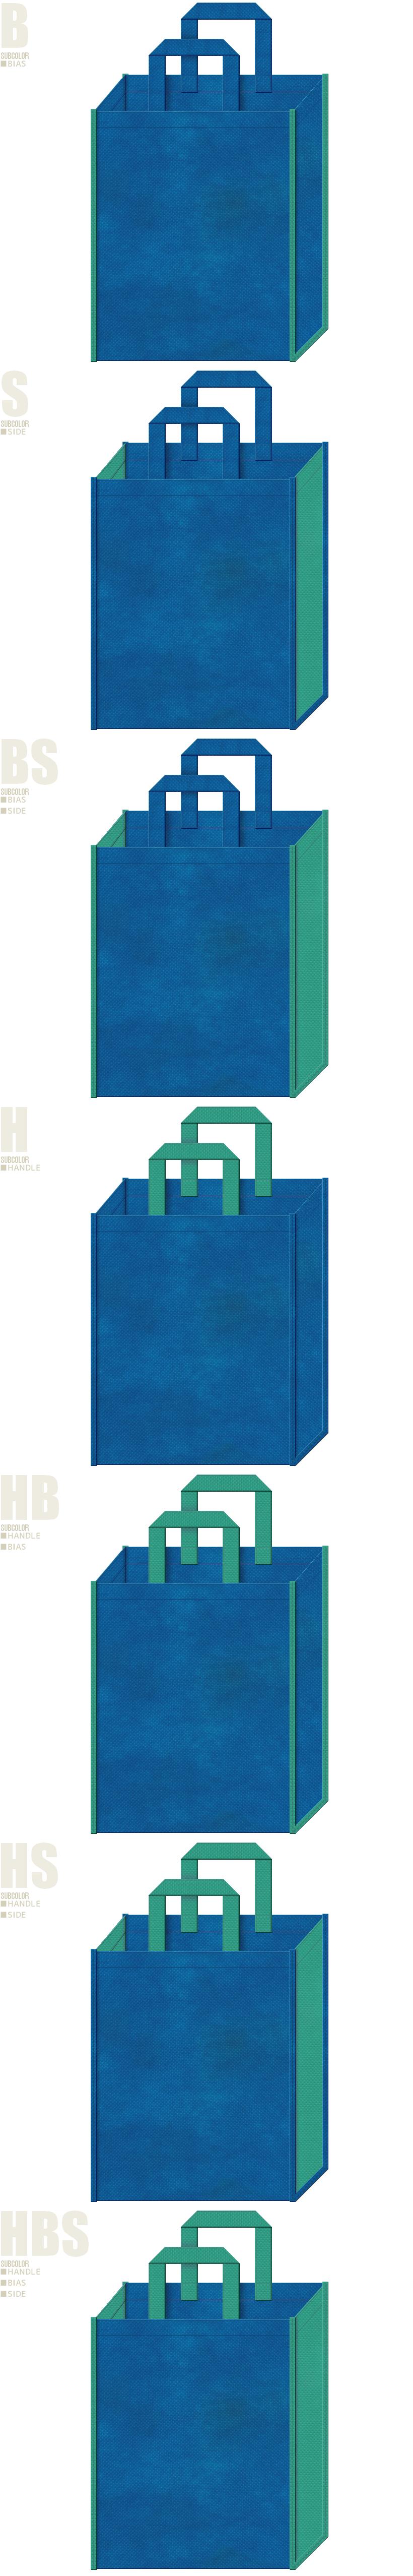 ユニフォーム・運動靴・アウトドア・スポーツイベント・スポーツ用品の展示会用バッグにお奨めの不織布バッグデザイン:青色と青緑色の配色7パターン